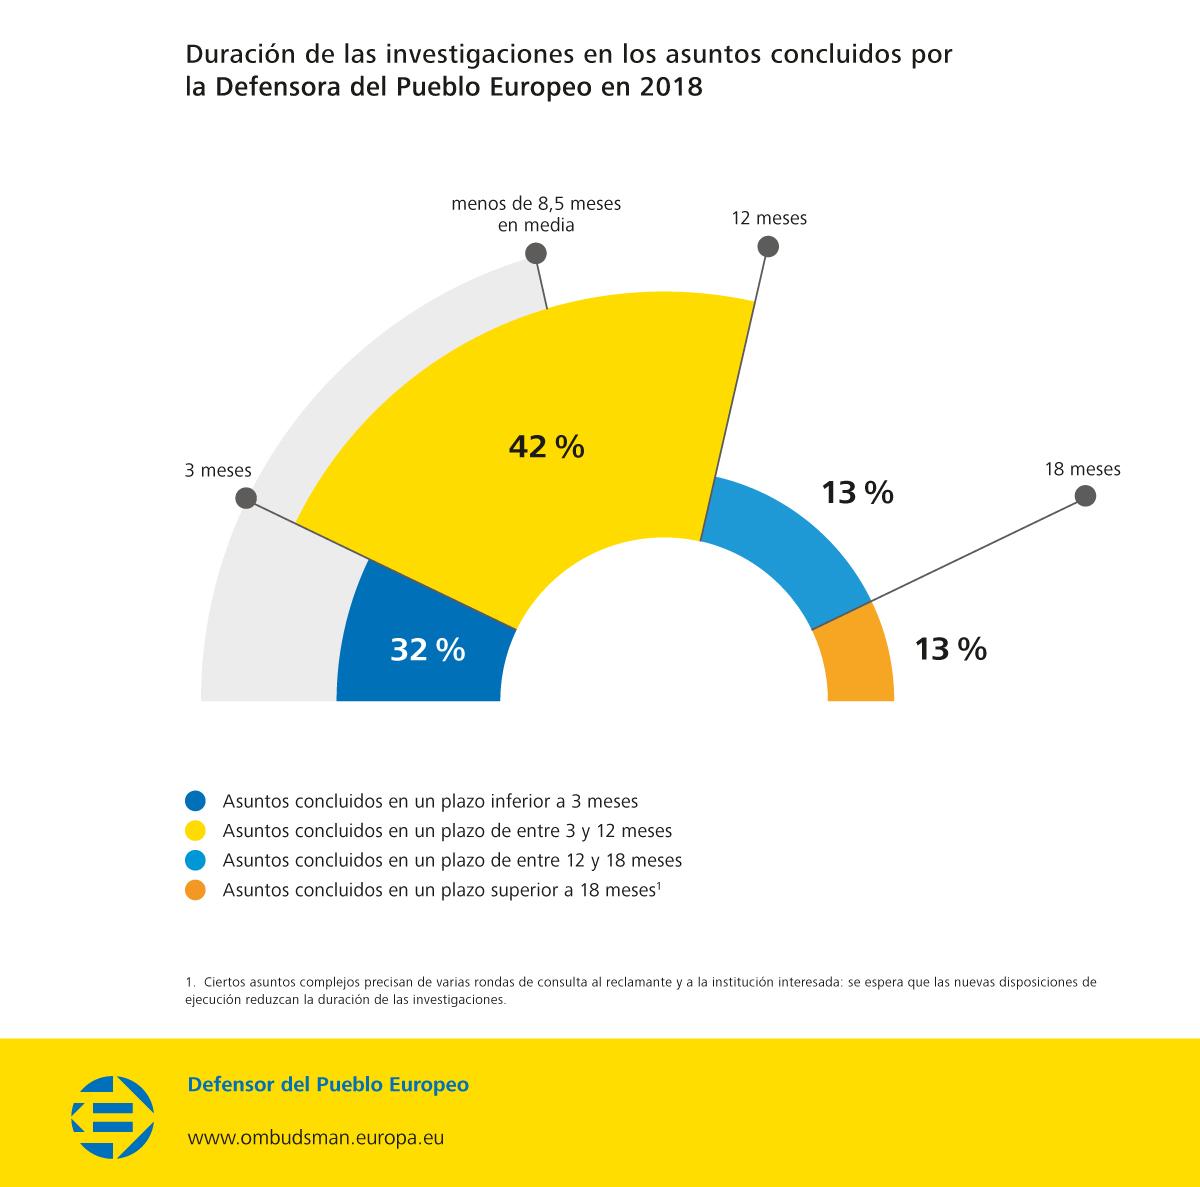 Duración de las investigaciones en los asuntos concluidos por la Defensora del Pueblo Europeo en 2018